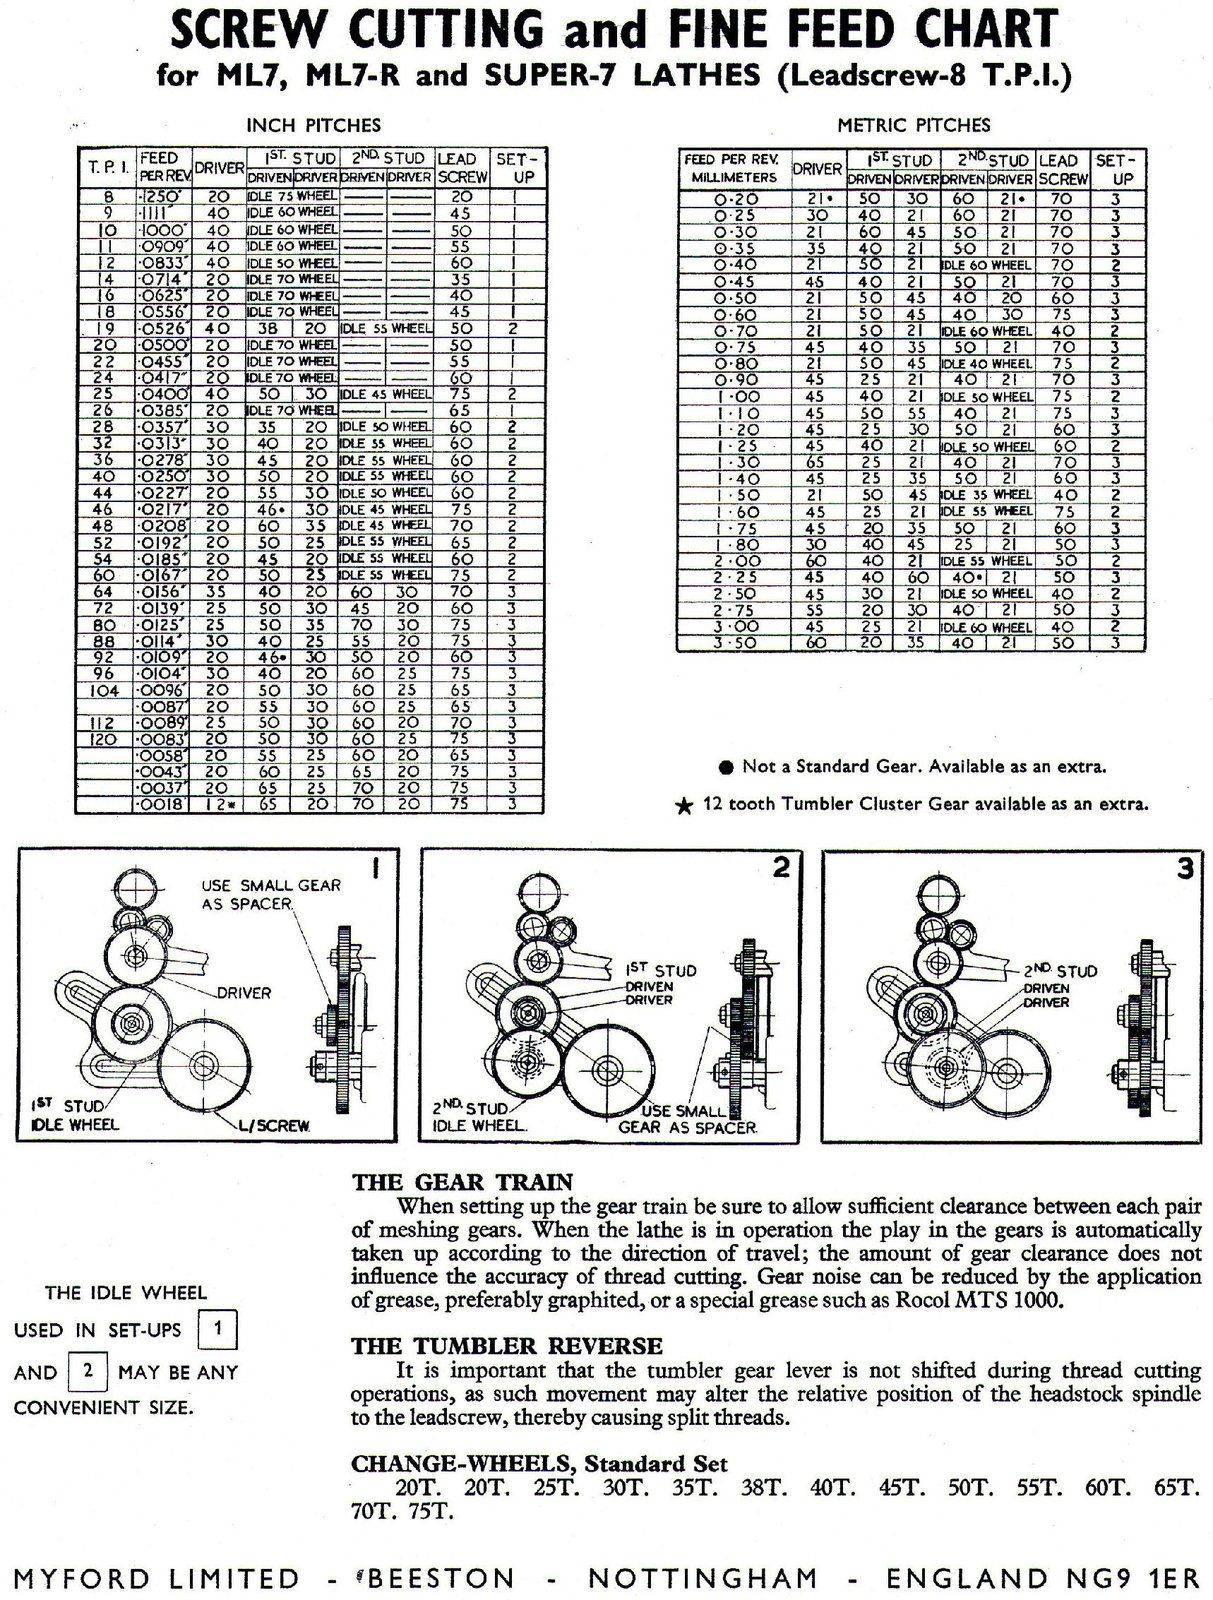 ML7_screw cutting big copie.jpg